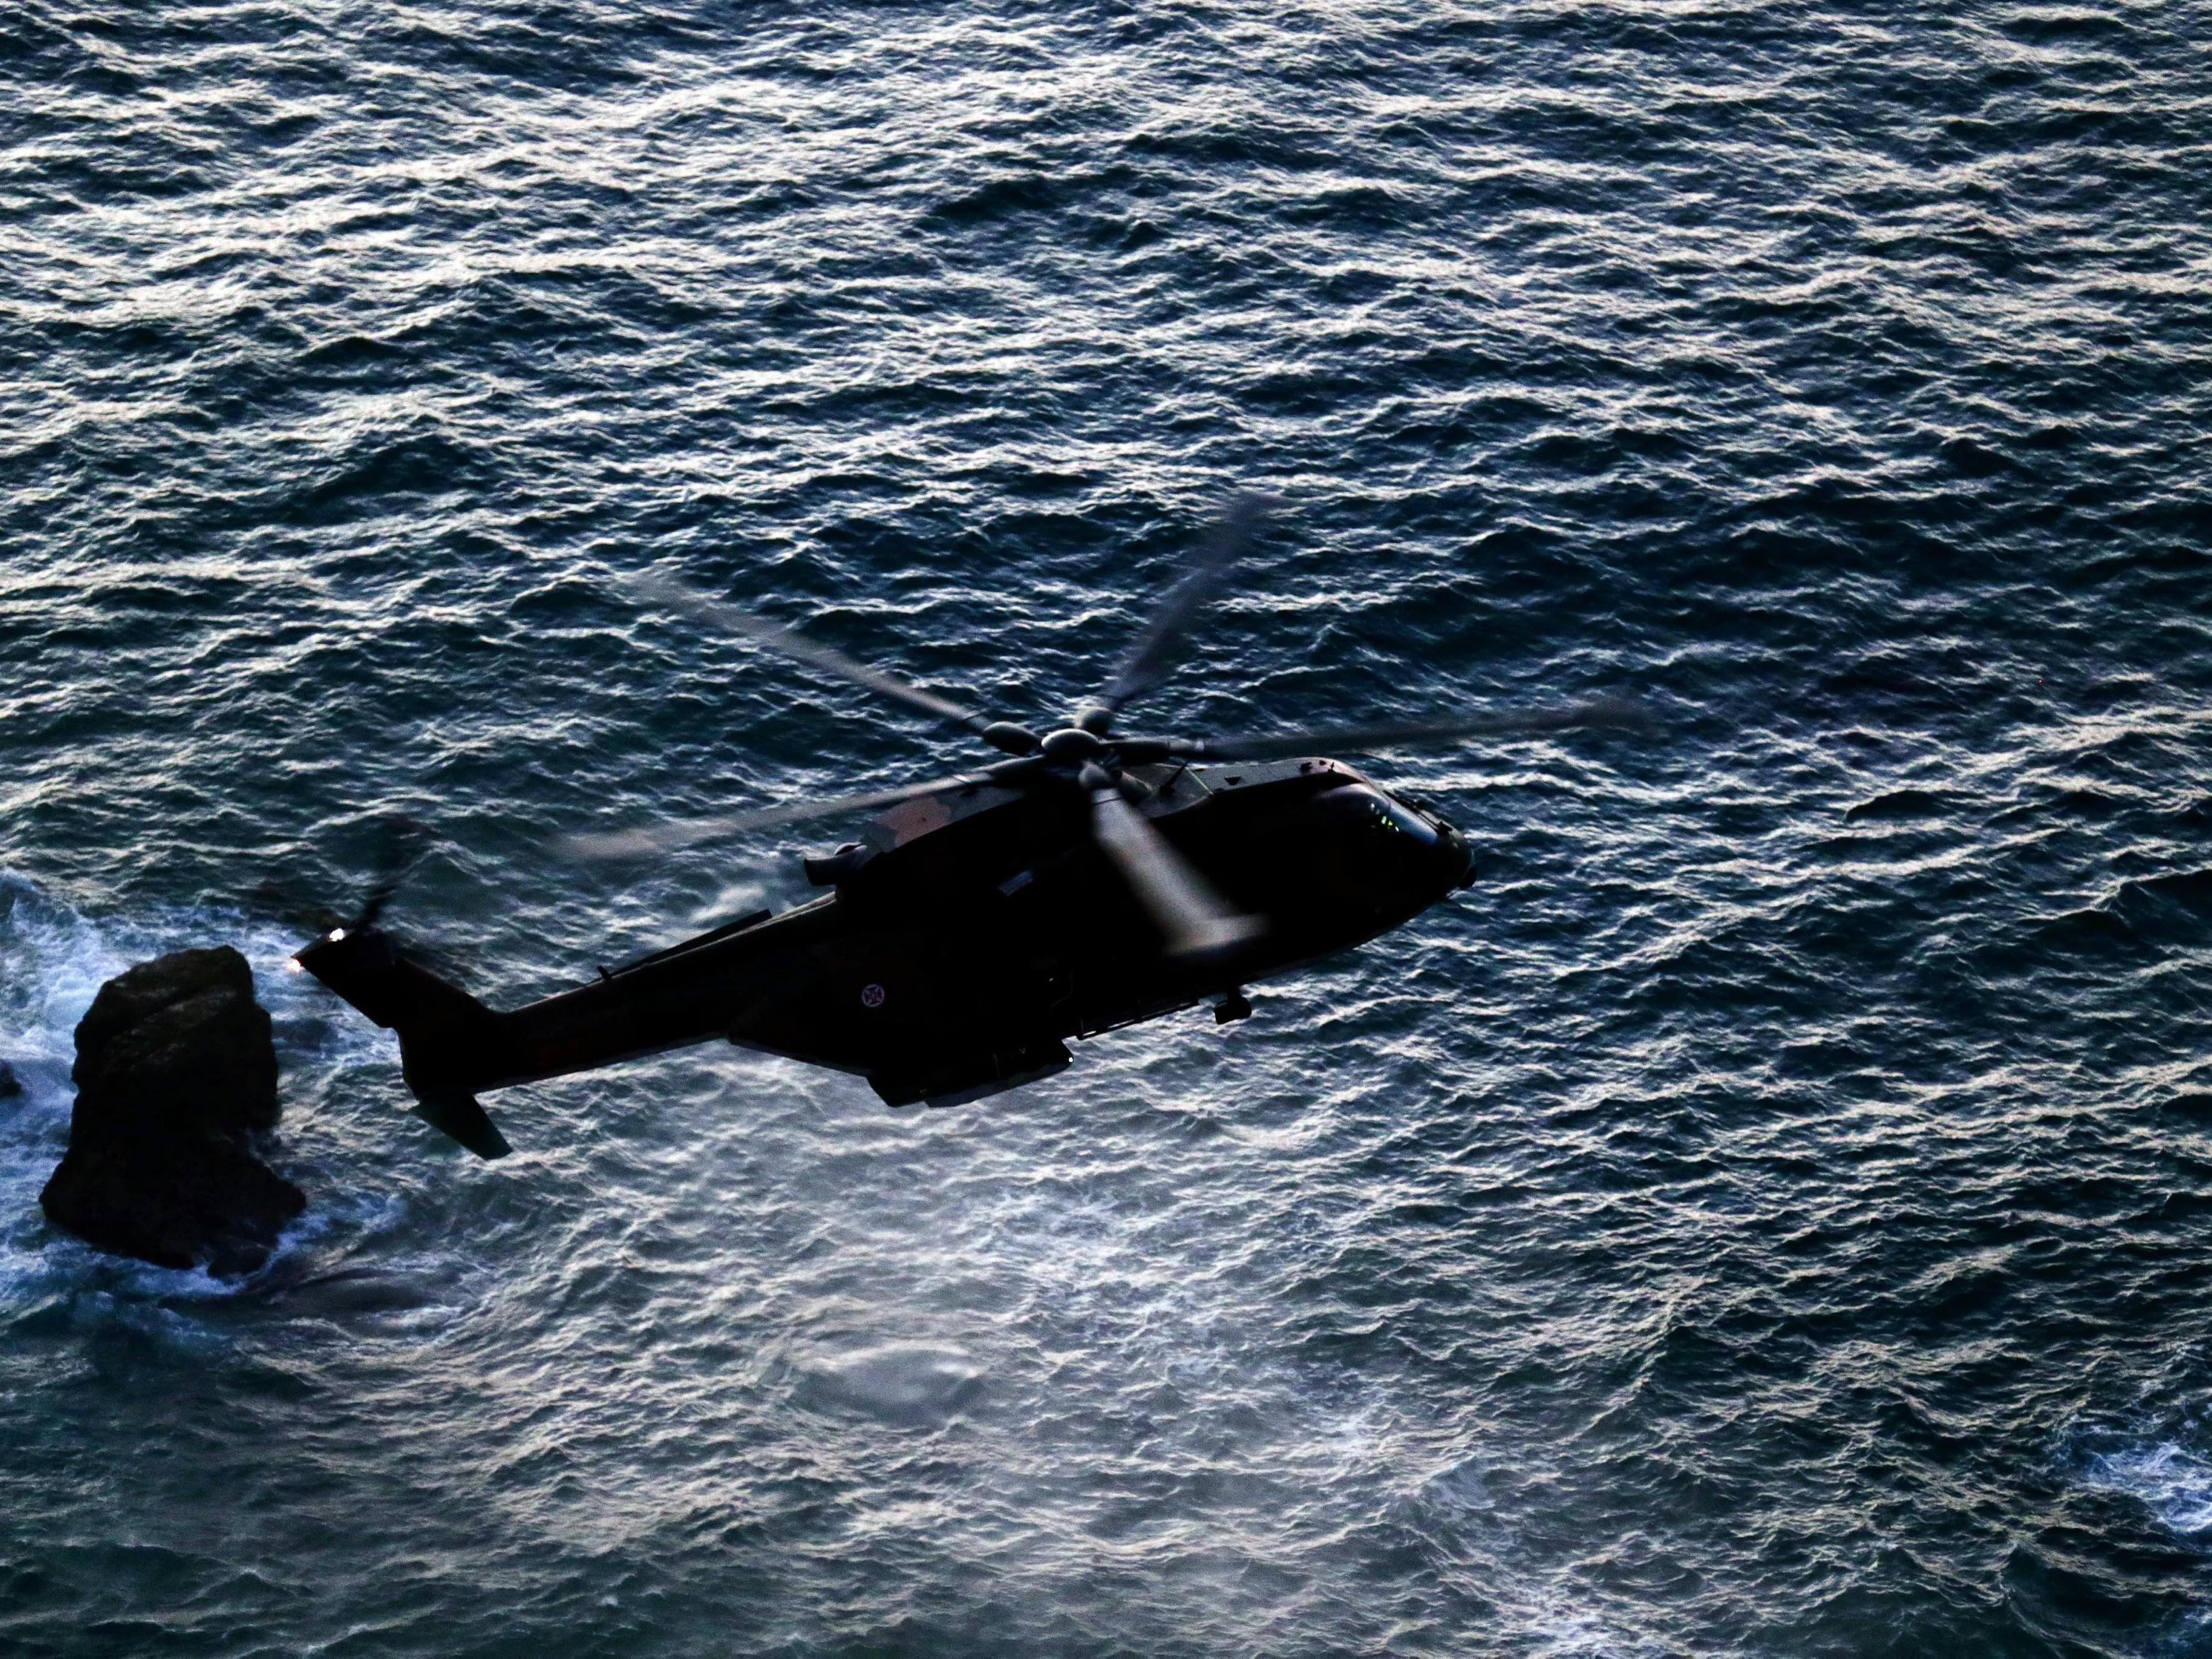 Familientragödie in Portugal - im Bild: Ein Helikopter sucht nach dem verunglückten Paar.